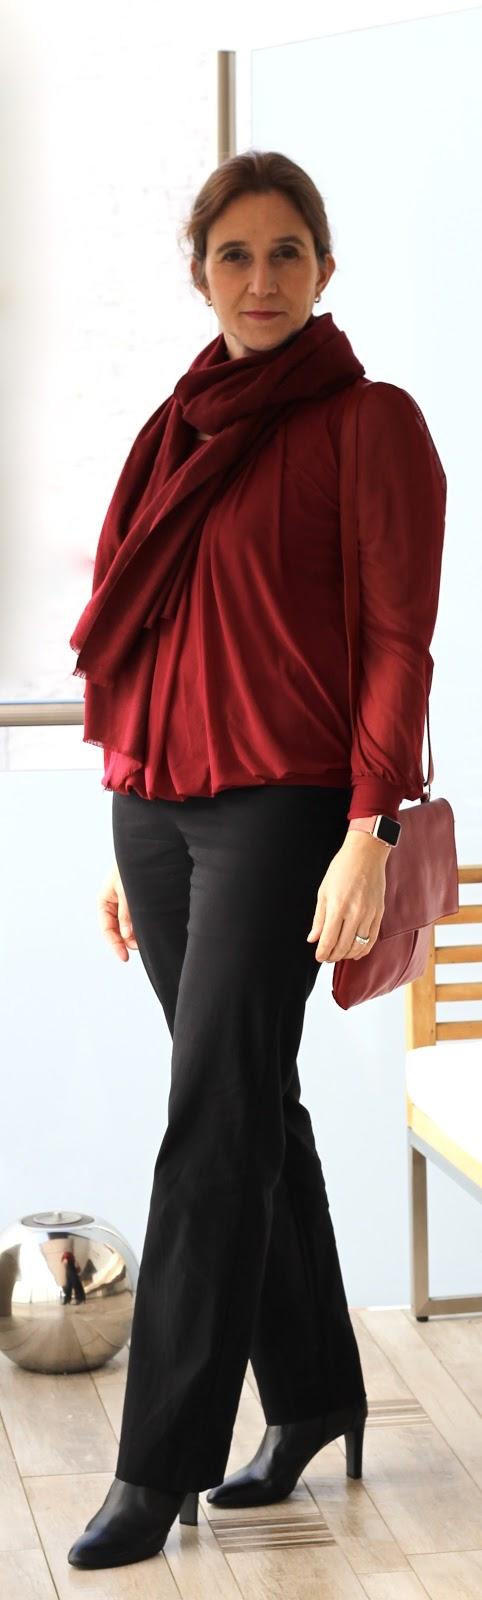 Fashion-Friyay - Yushkas new styles für das Frühjahr 2018: Lady in Red